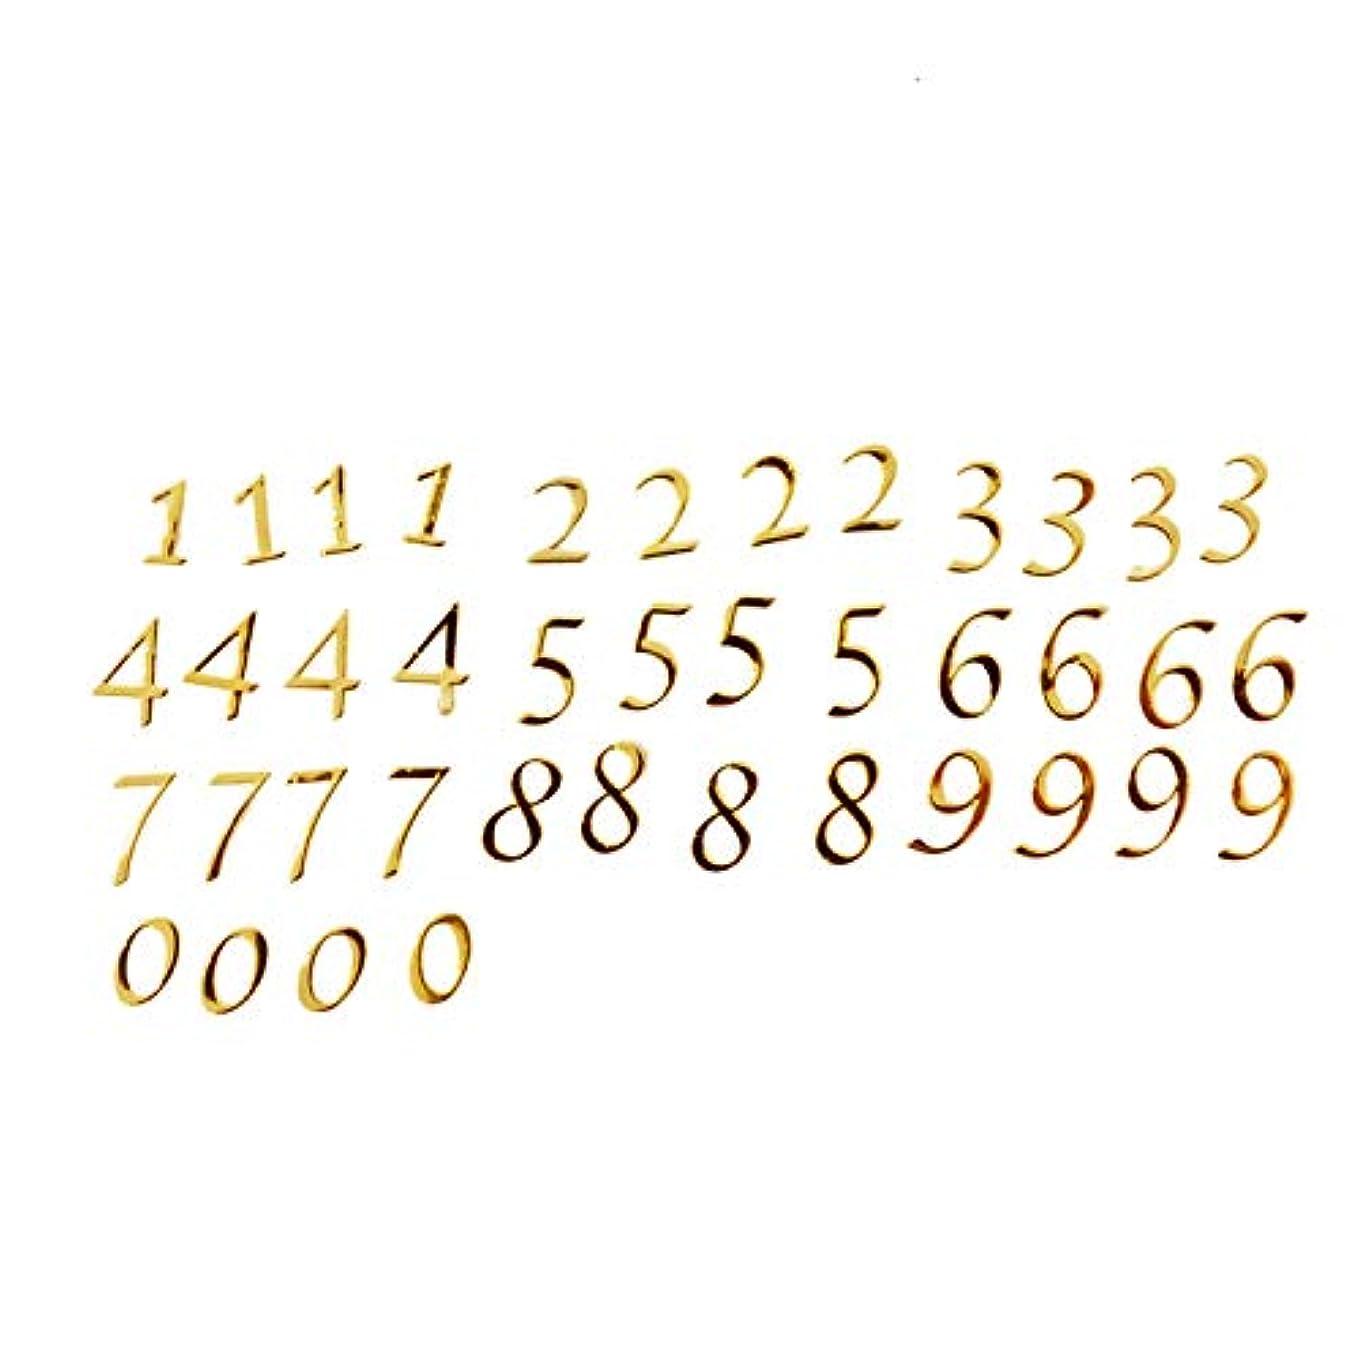 天気餌弾丸数字のメタルパーツ0から9まで4枚ずつ、合計40枚セット